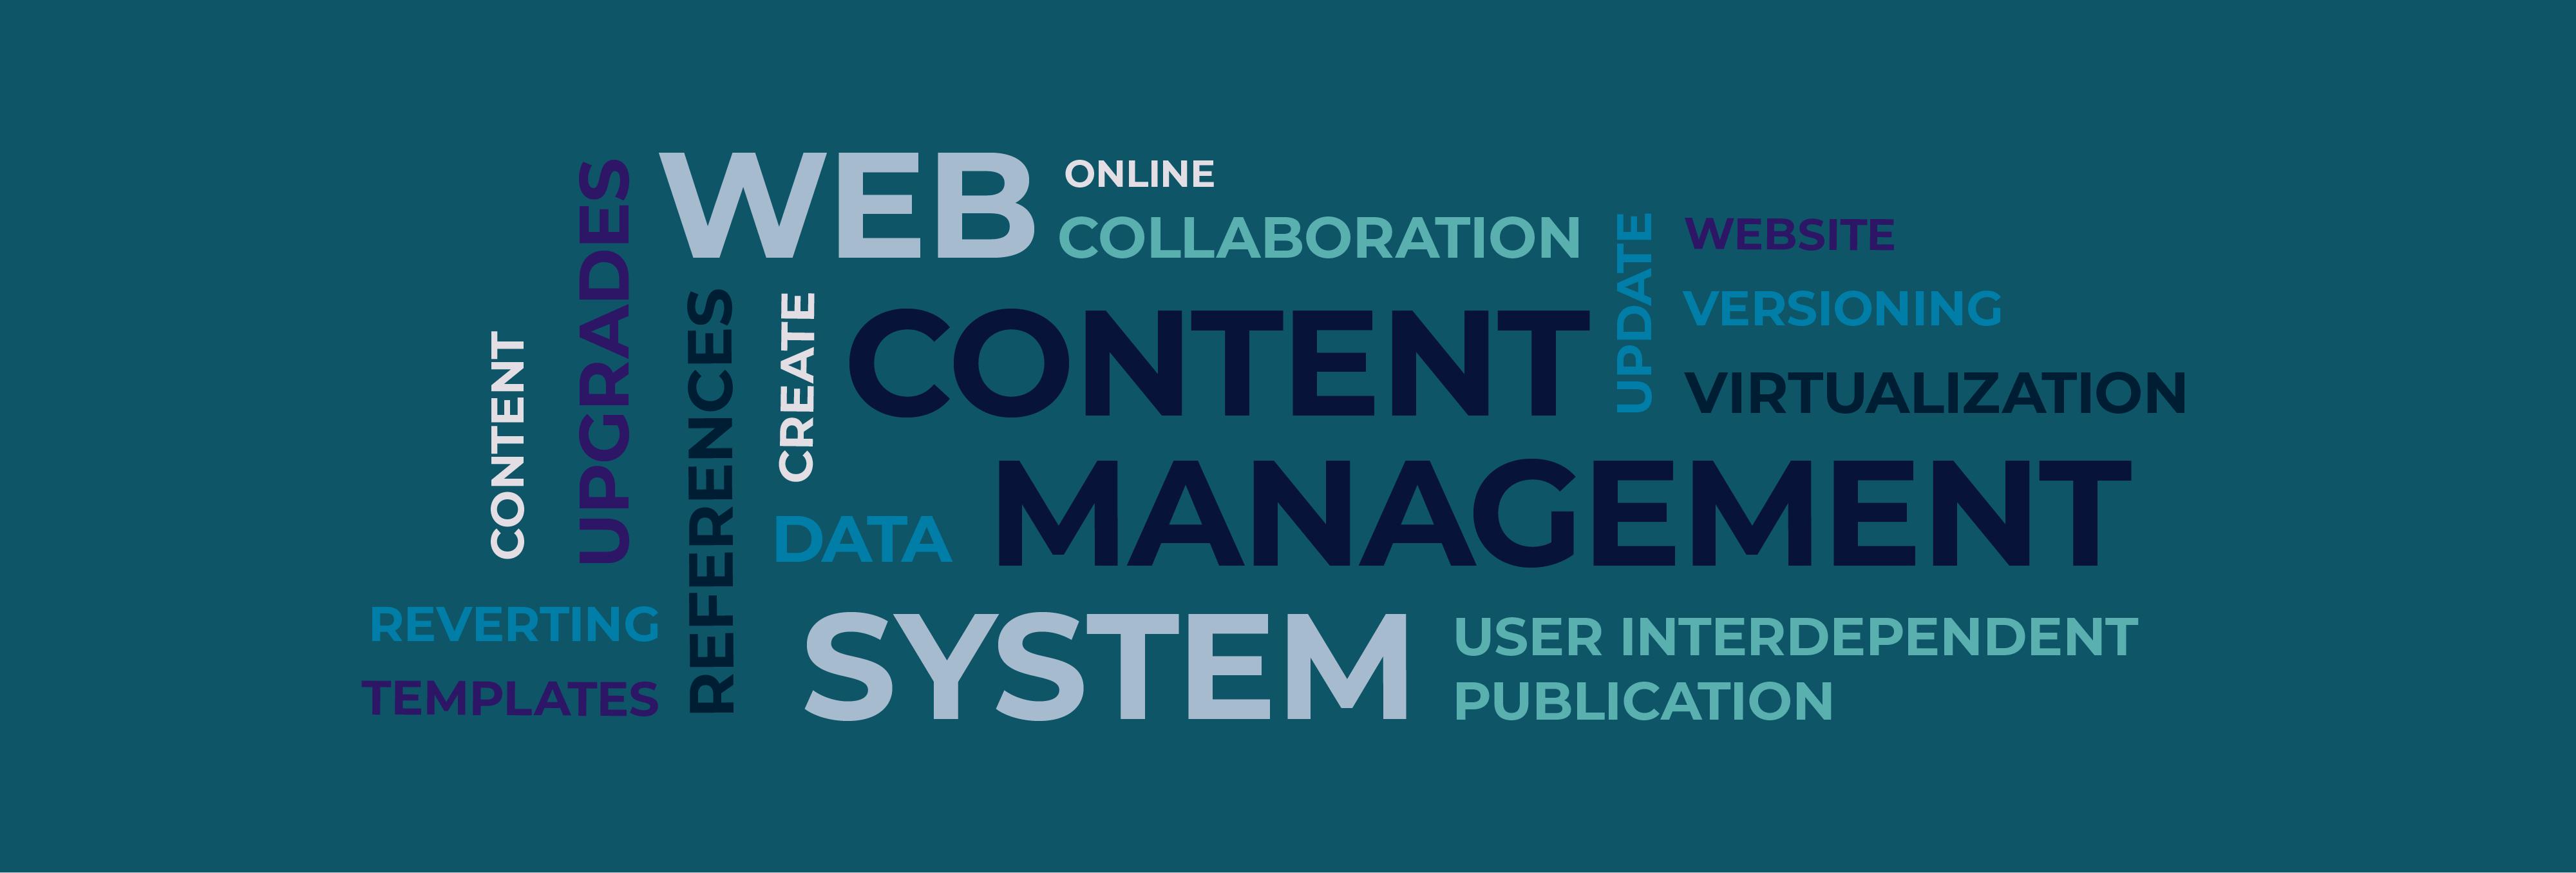 7 razloga da zavolite rad sa Web Content Management sistemima (WCMS)